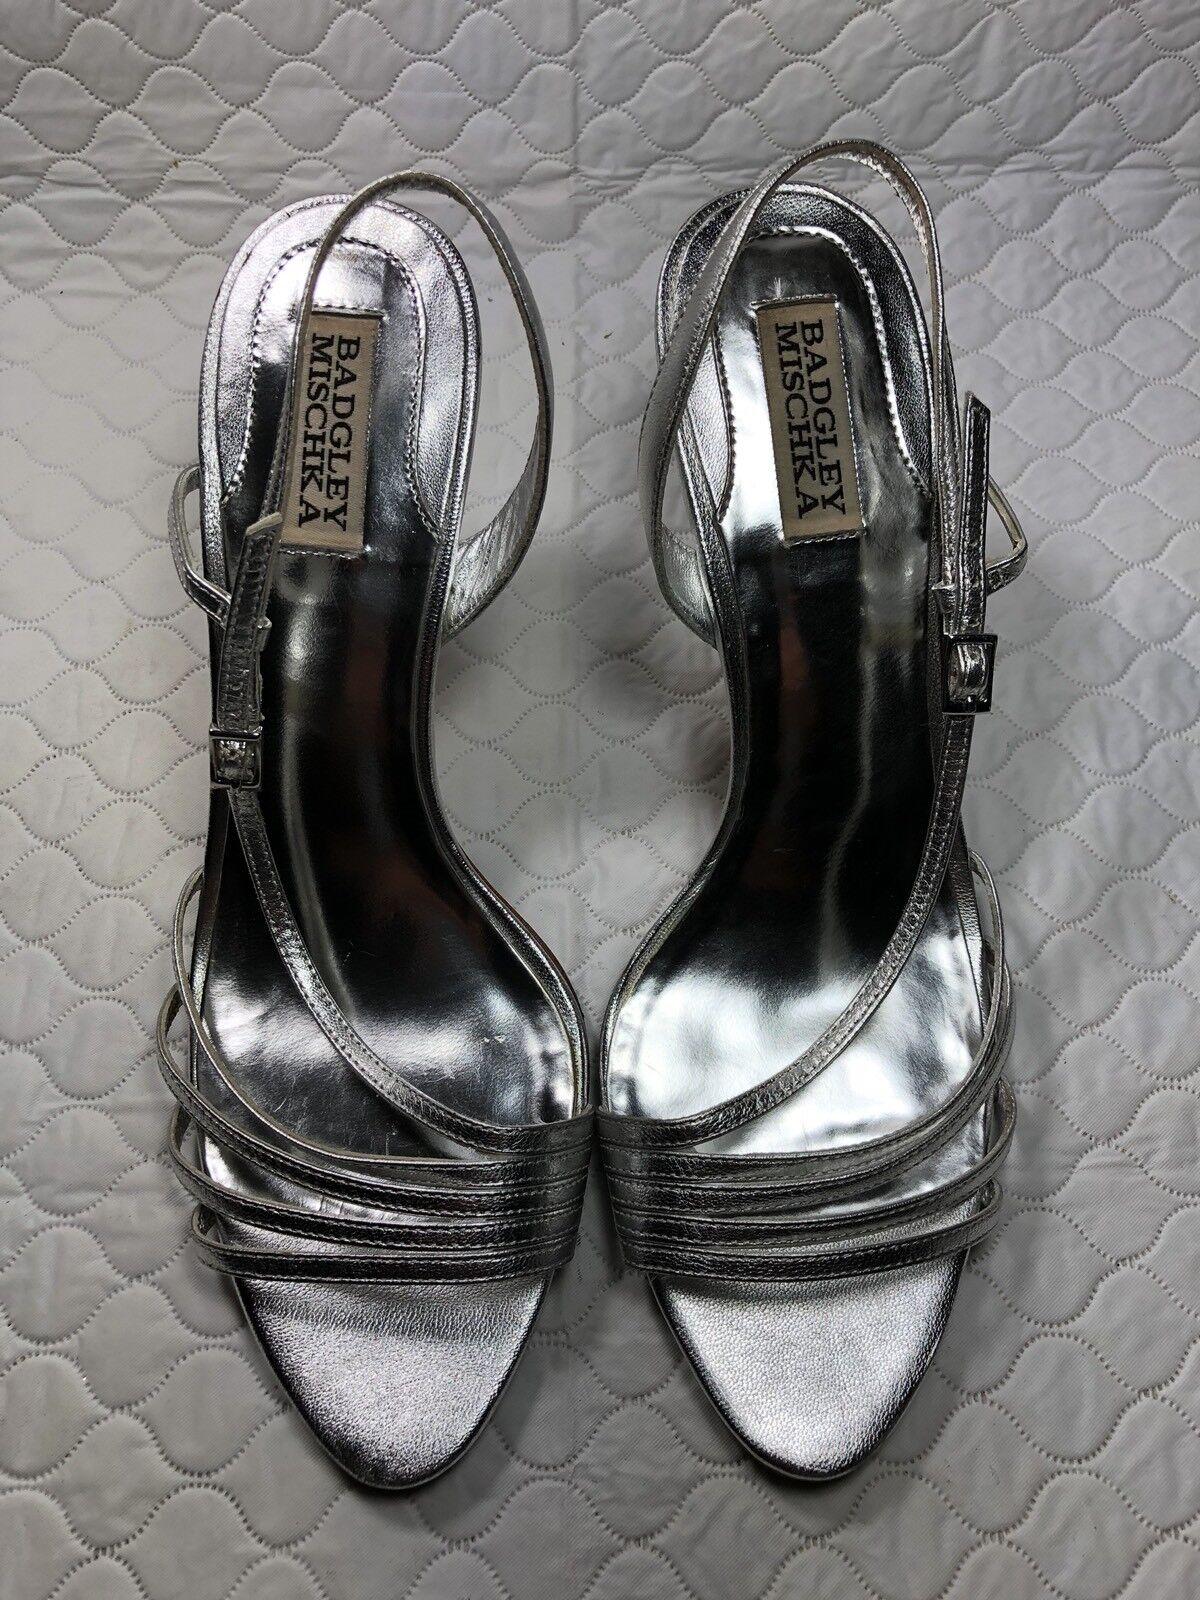 Badgley Mischka Femme en Cuir argenté Lanière Escarpins Talons Hauts chaussures Taille - 10 m